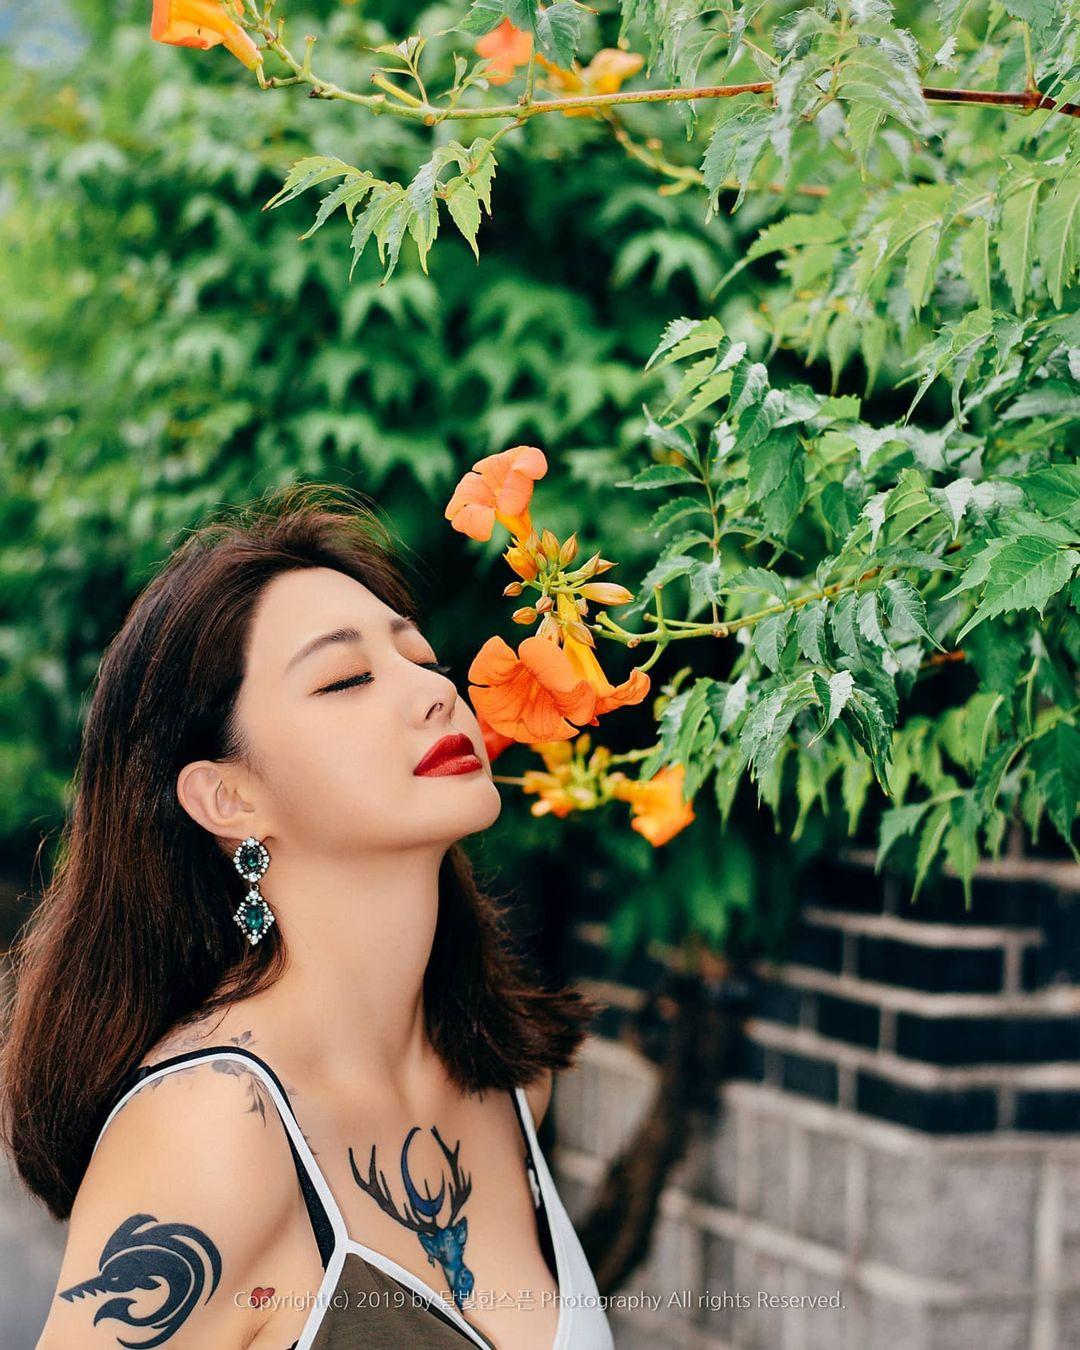 Hot girl xứ Hàn táo bạo xăm hình cỡ lớn ngay trước ngực, body cực 'mê ly' khiến nhiều FA muốn rước về 'cất tủ' - Ảnh 2